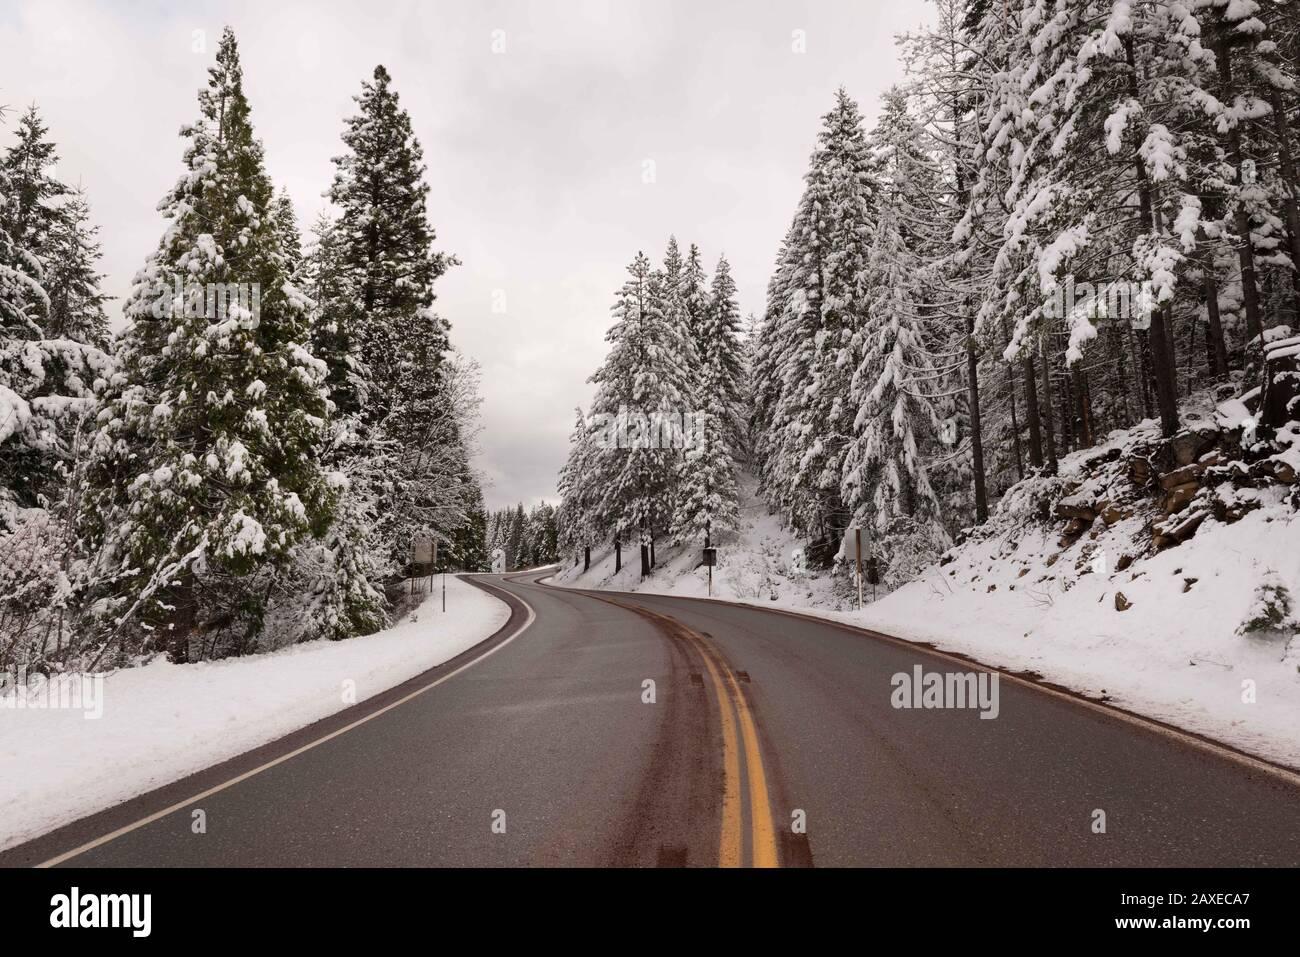 aktive erwachsene kalifornischen community winter